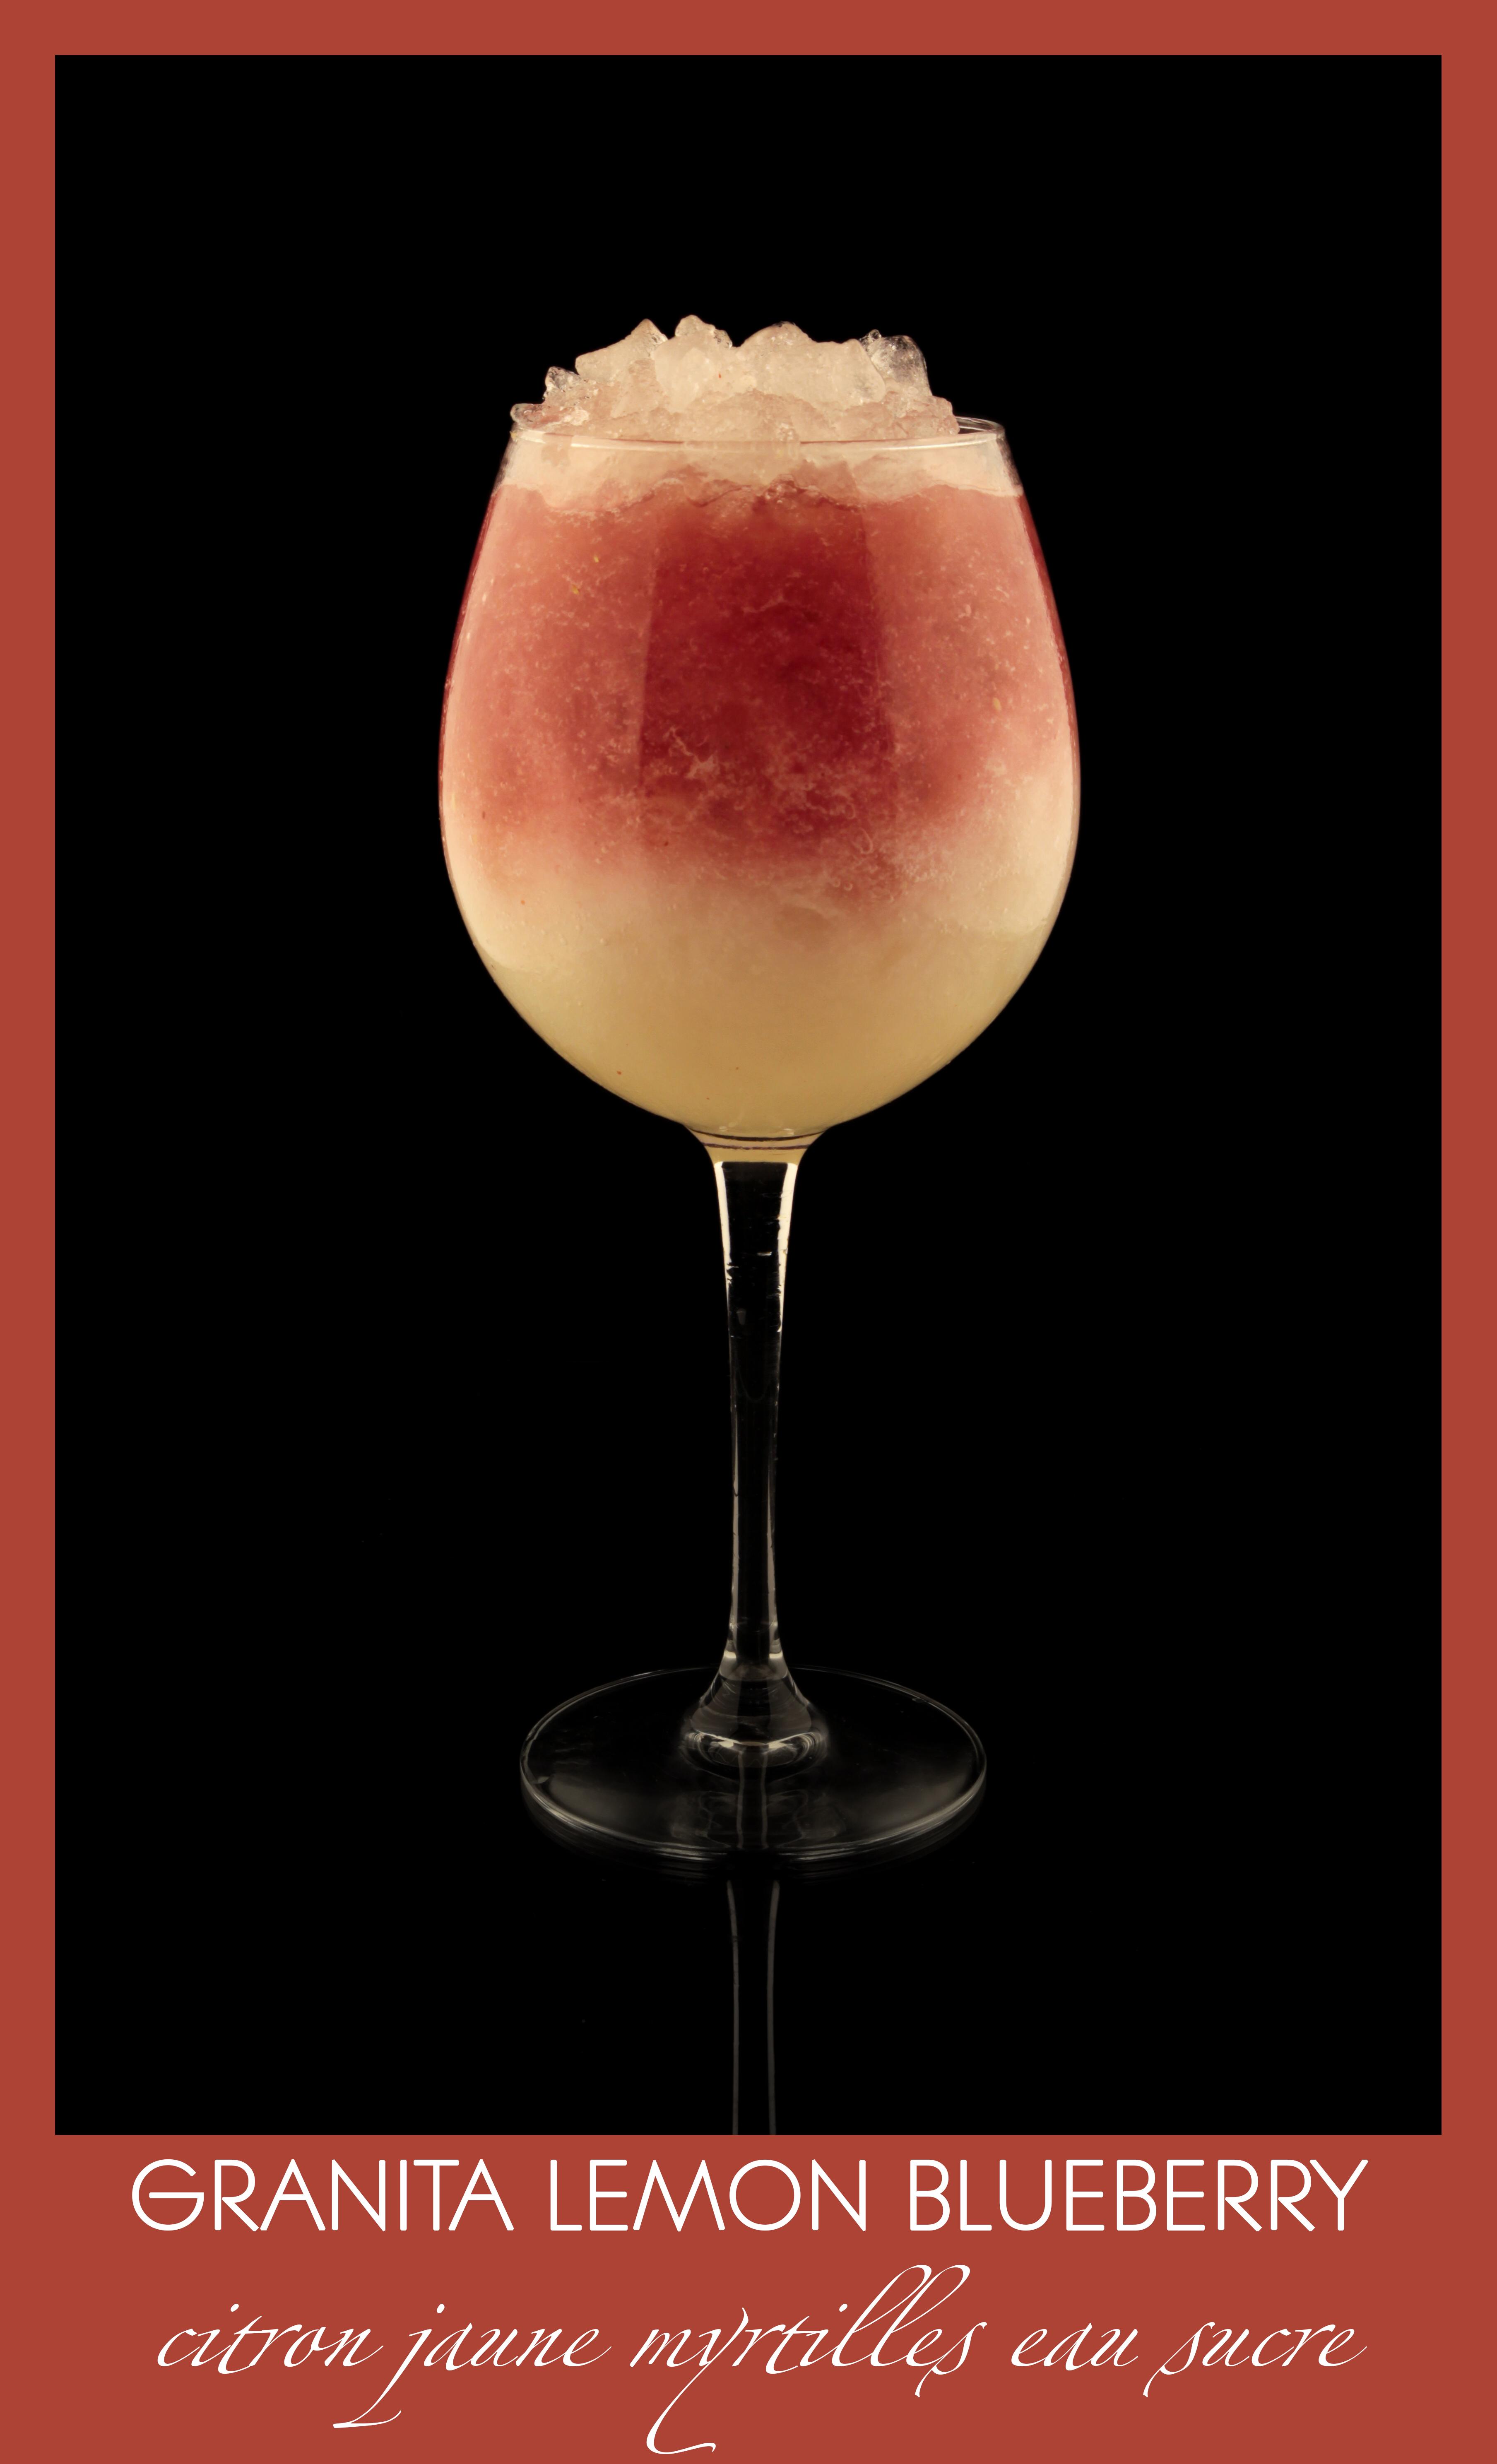 Granita Lemon Blueberry.jpg